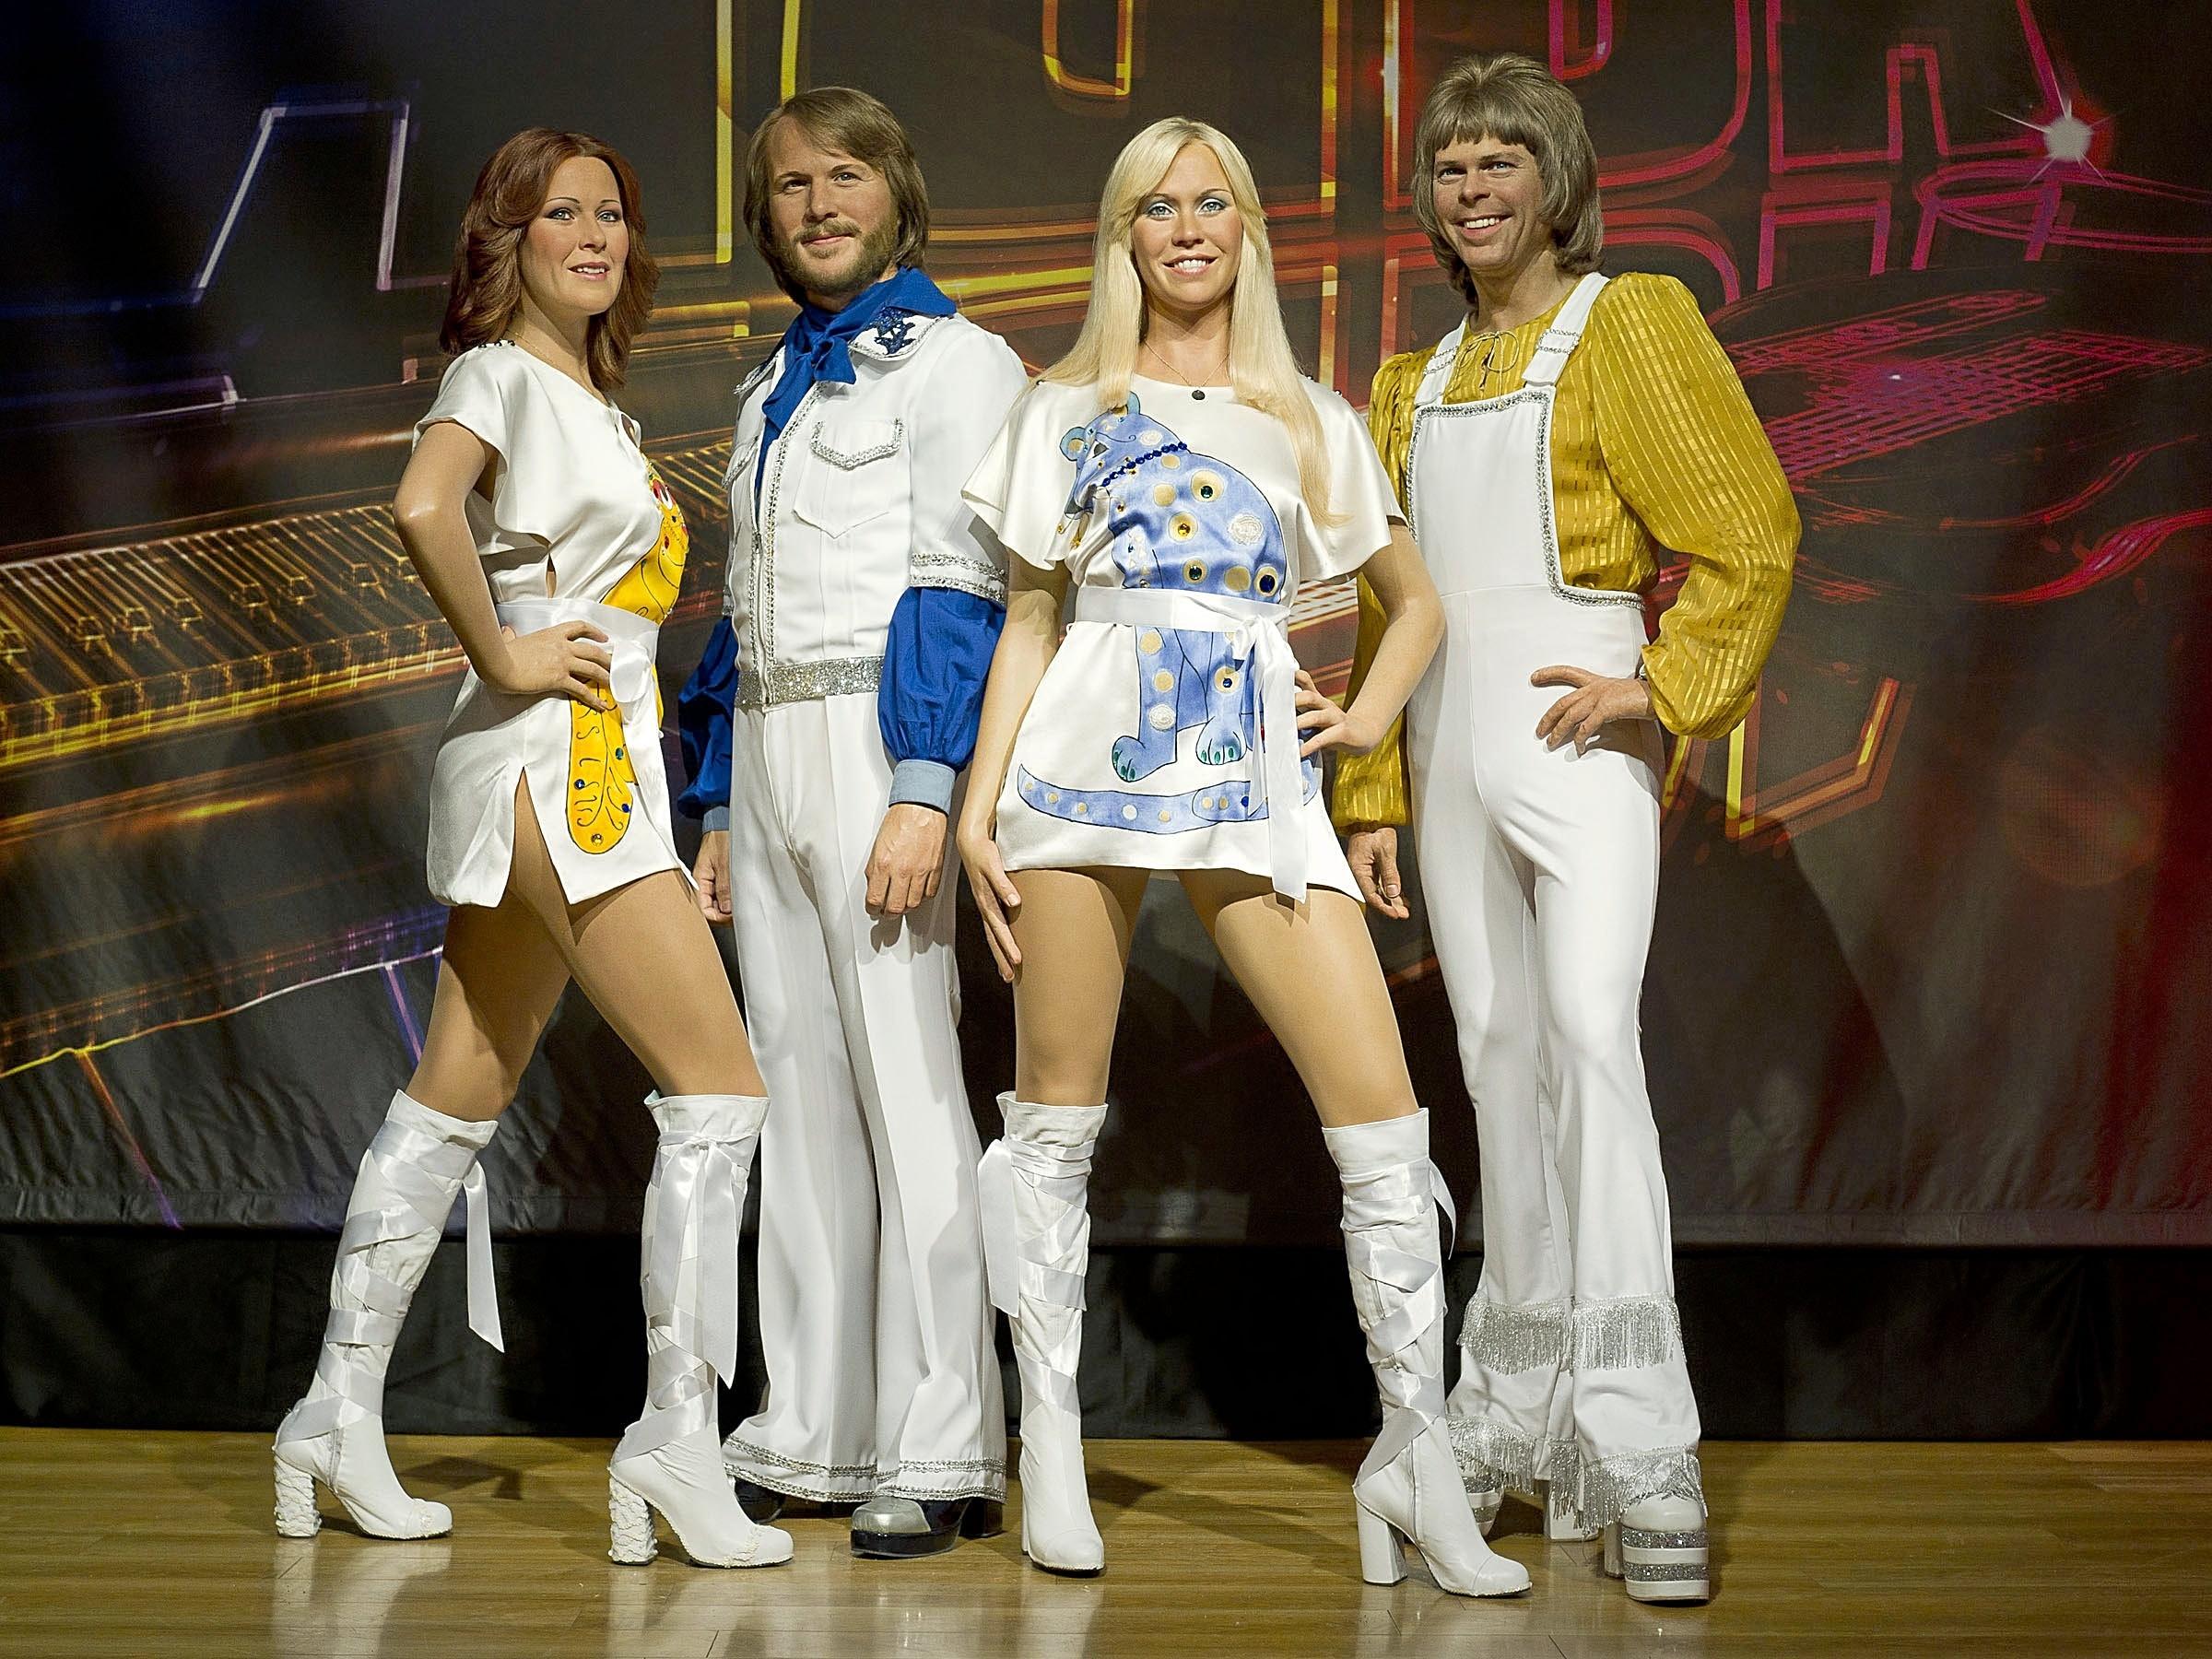 ABBA llega a TikTok con el anuncio de nuevas canciones tras 40 años | Música